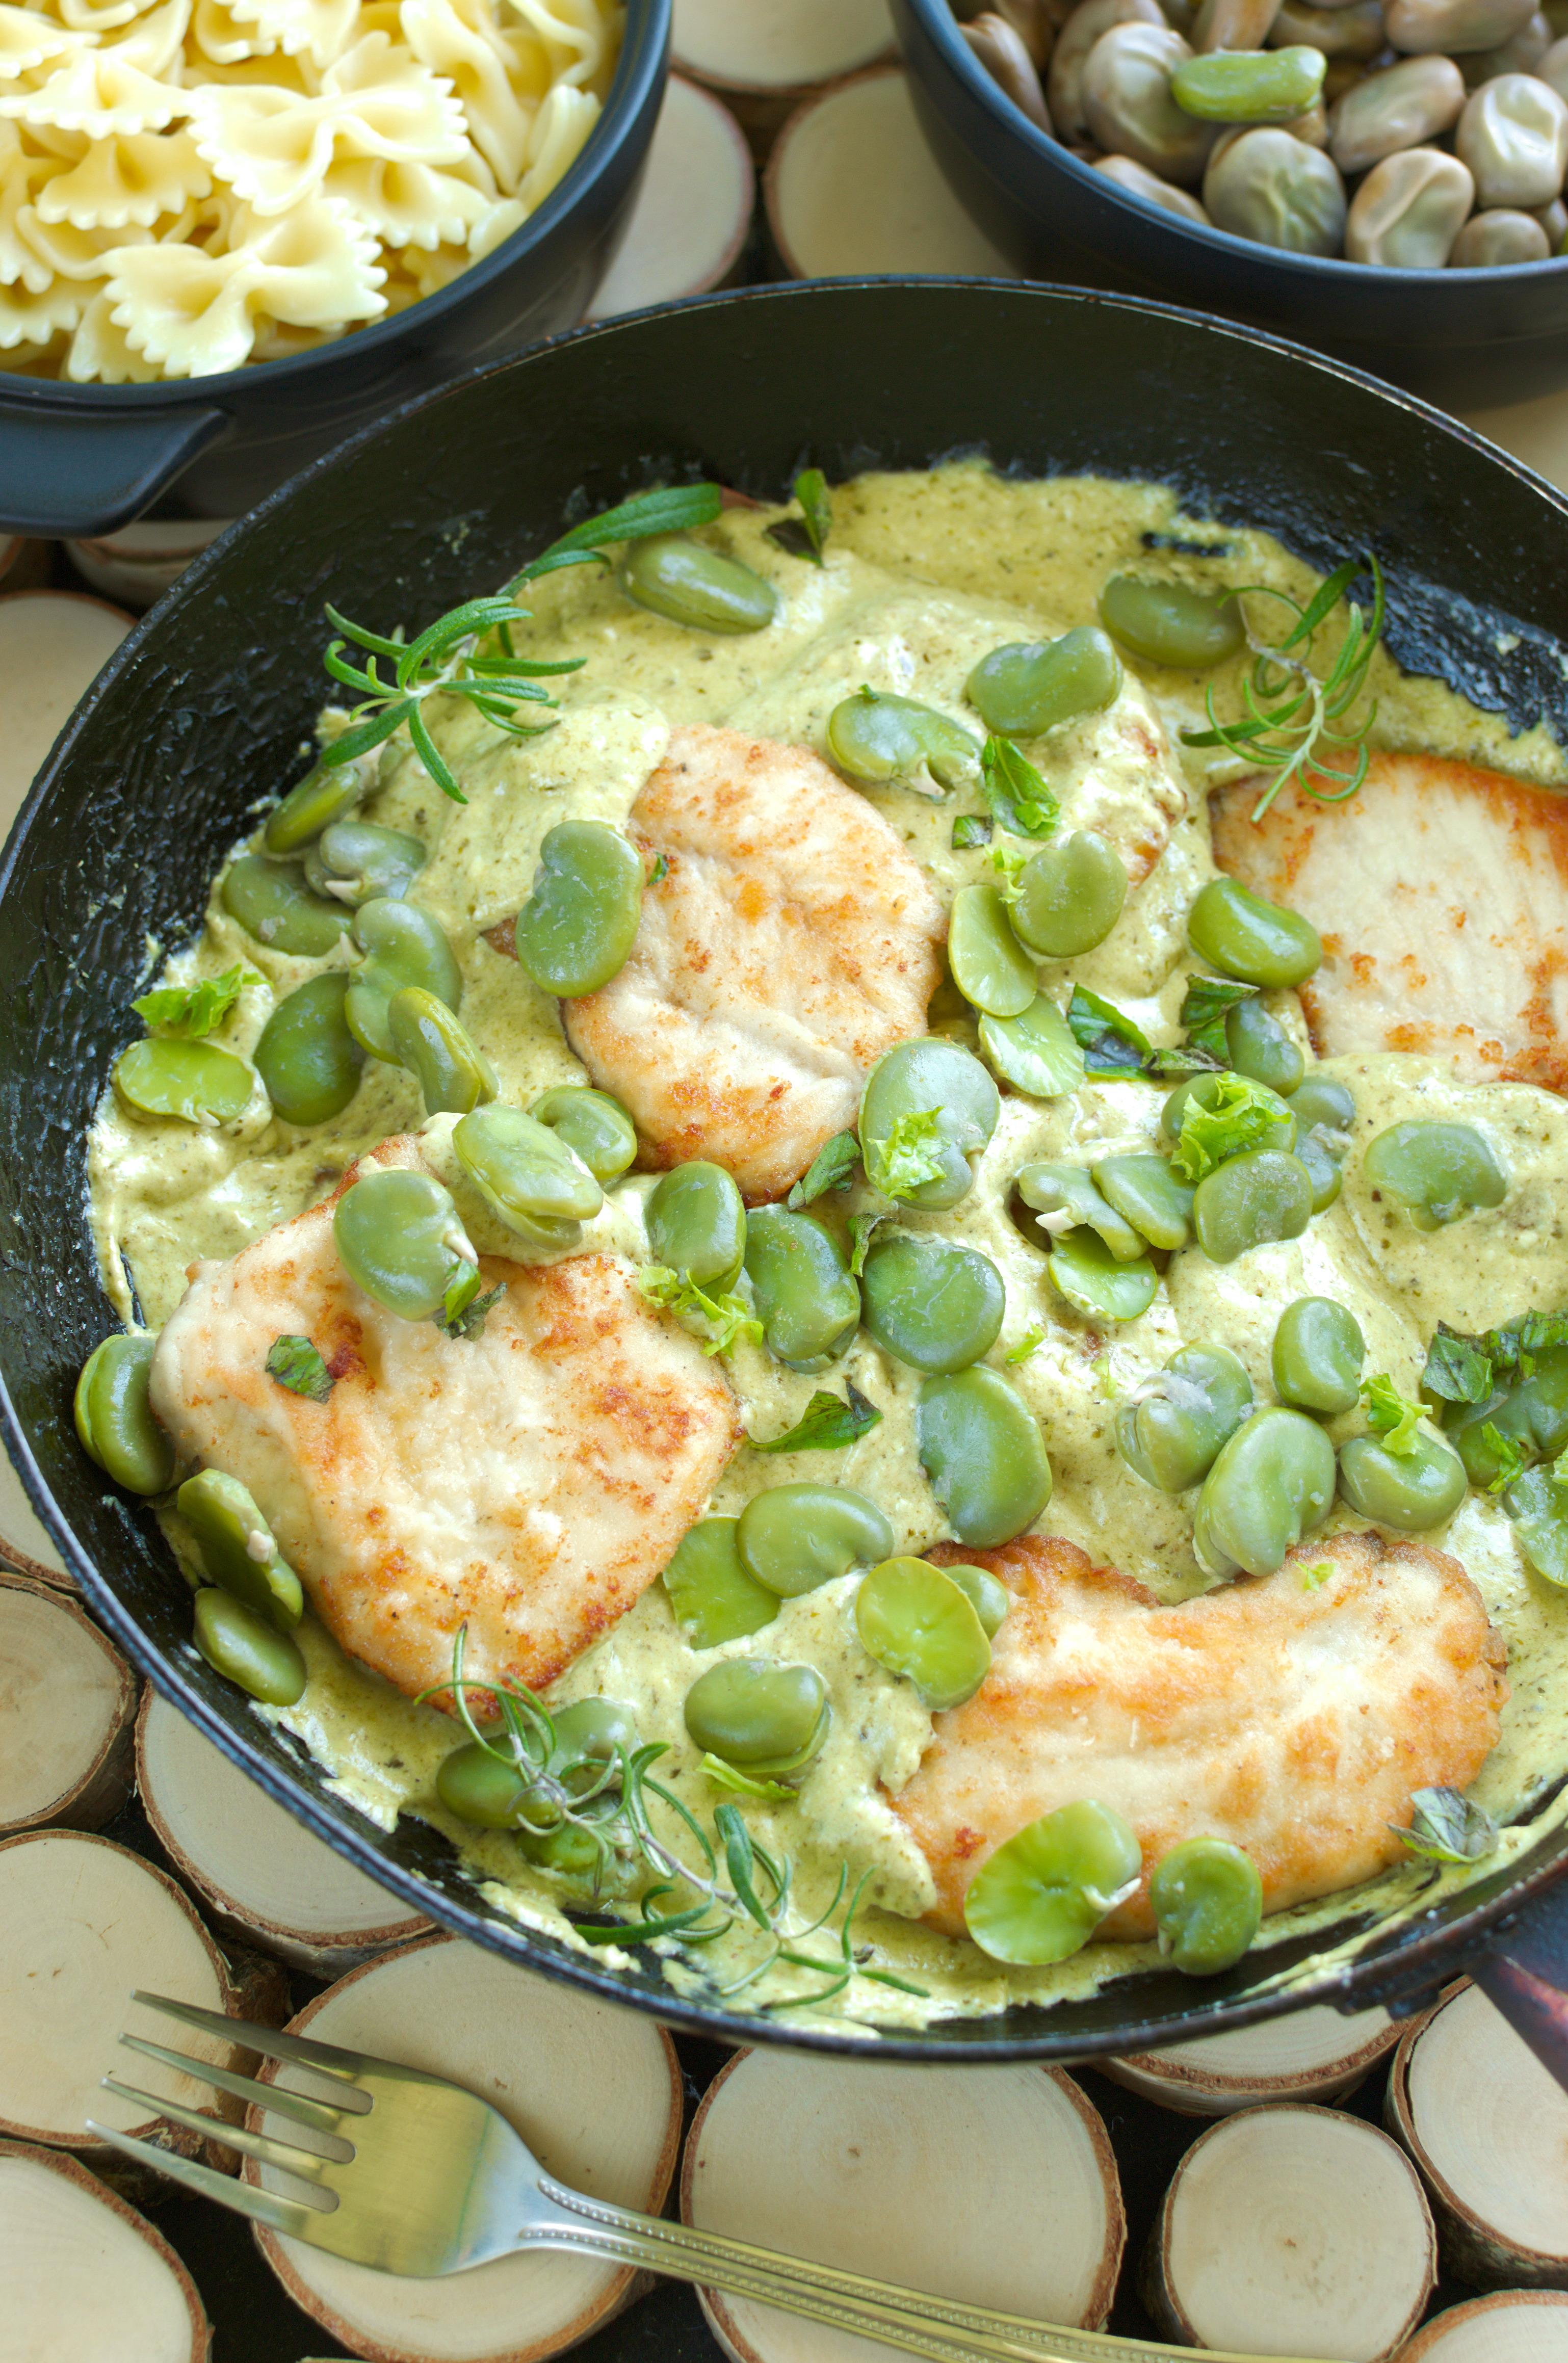 Filety z kurczaka w kremowym sosie z pesto z bobem